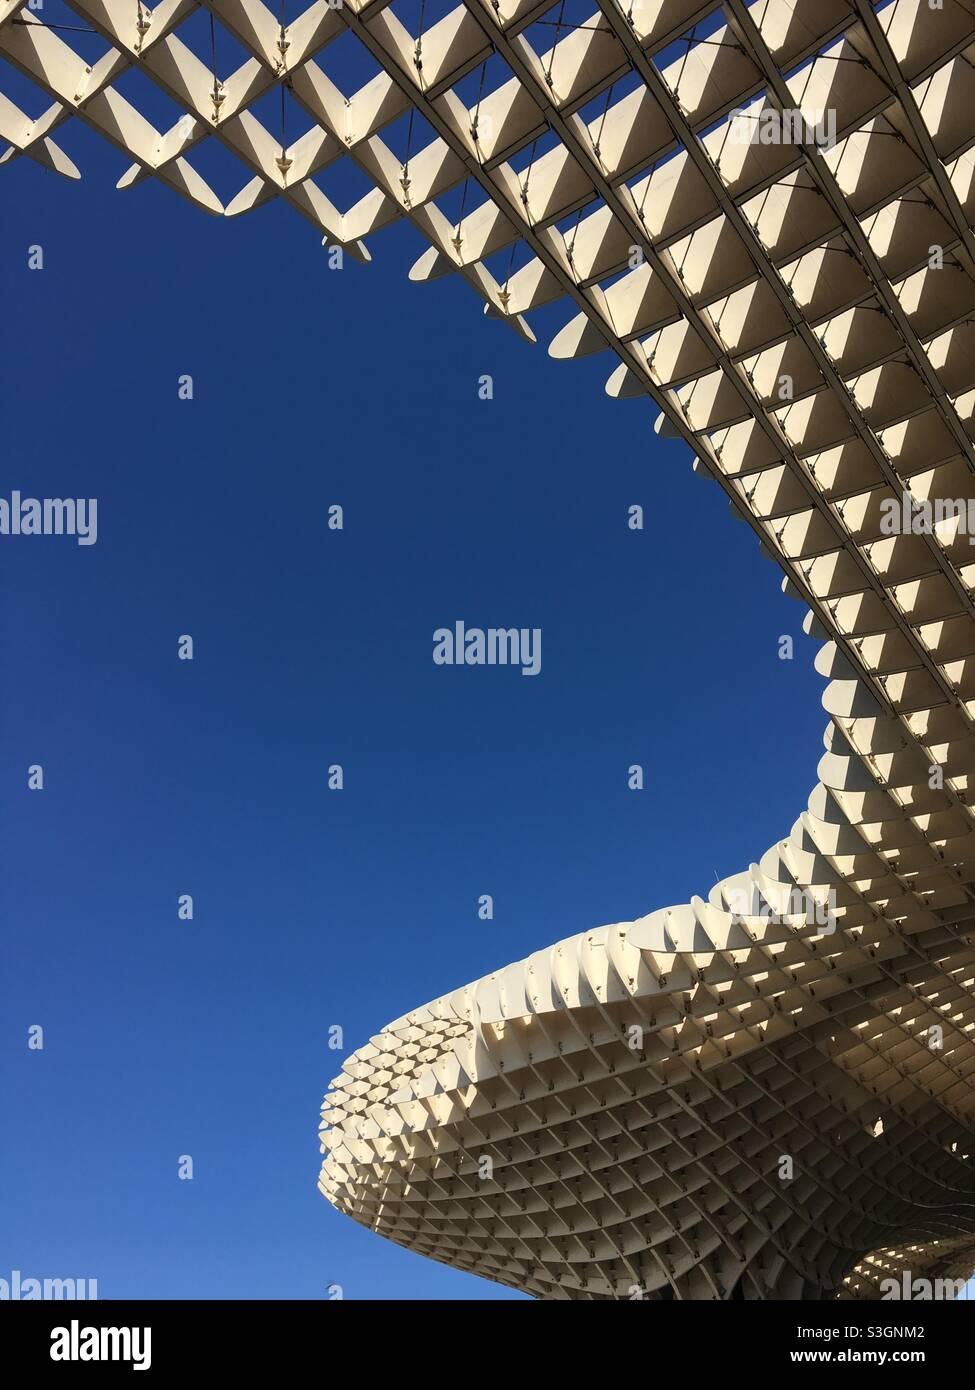 Las Setas, Sevilla. Die Sinuskurve der Holzstruktur. Stockfoto